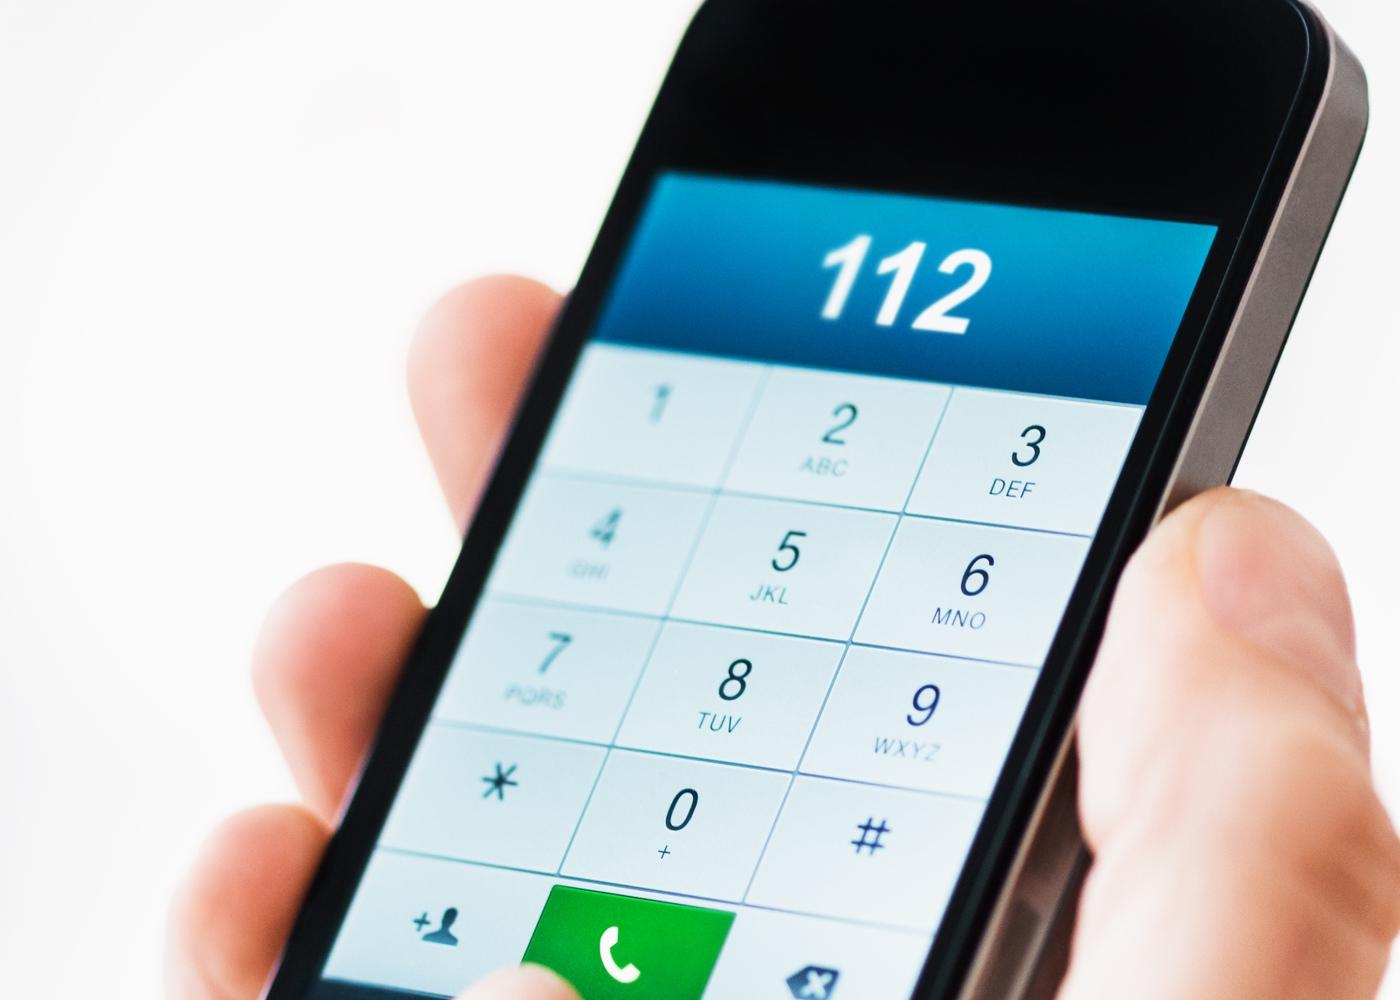 Regras básicas de primeiros socorros: ligar 112